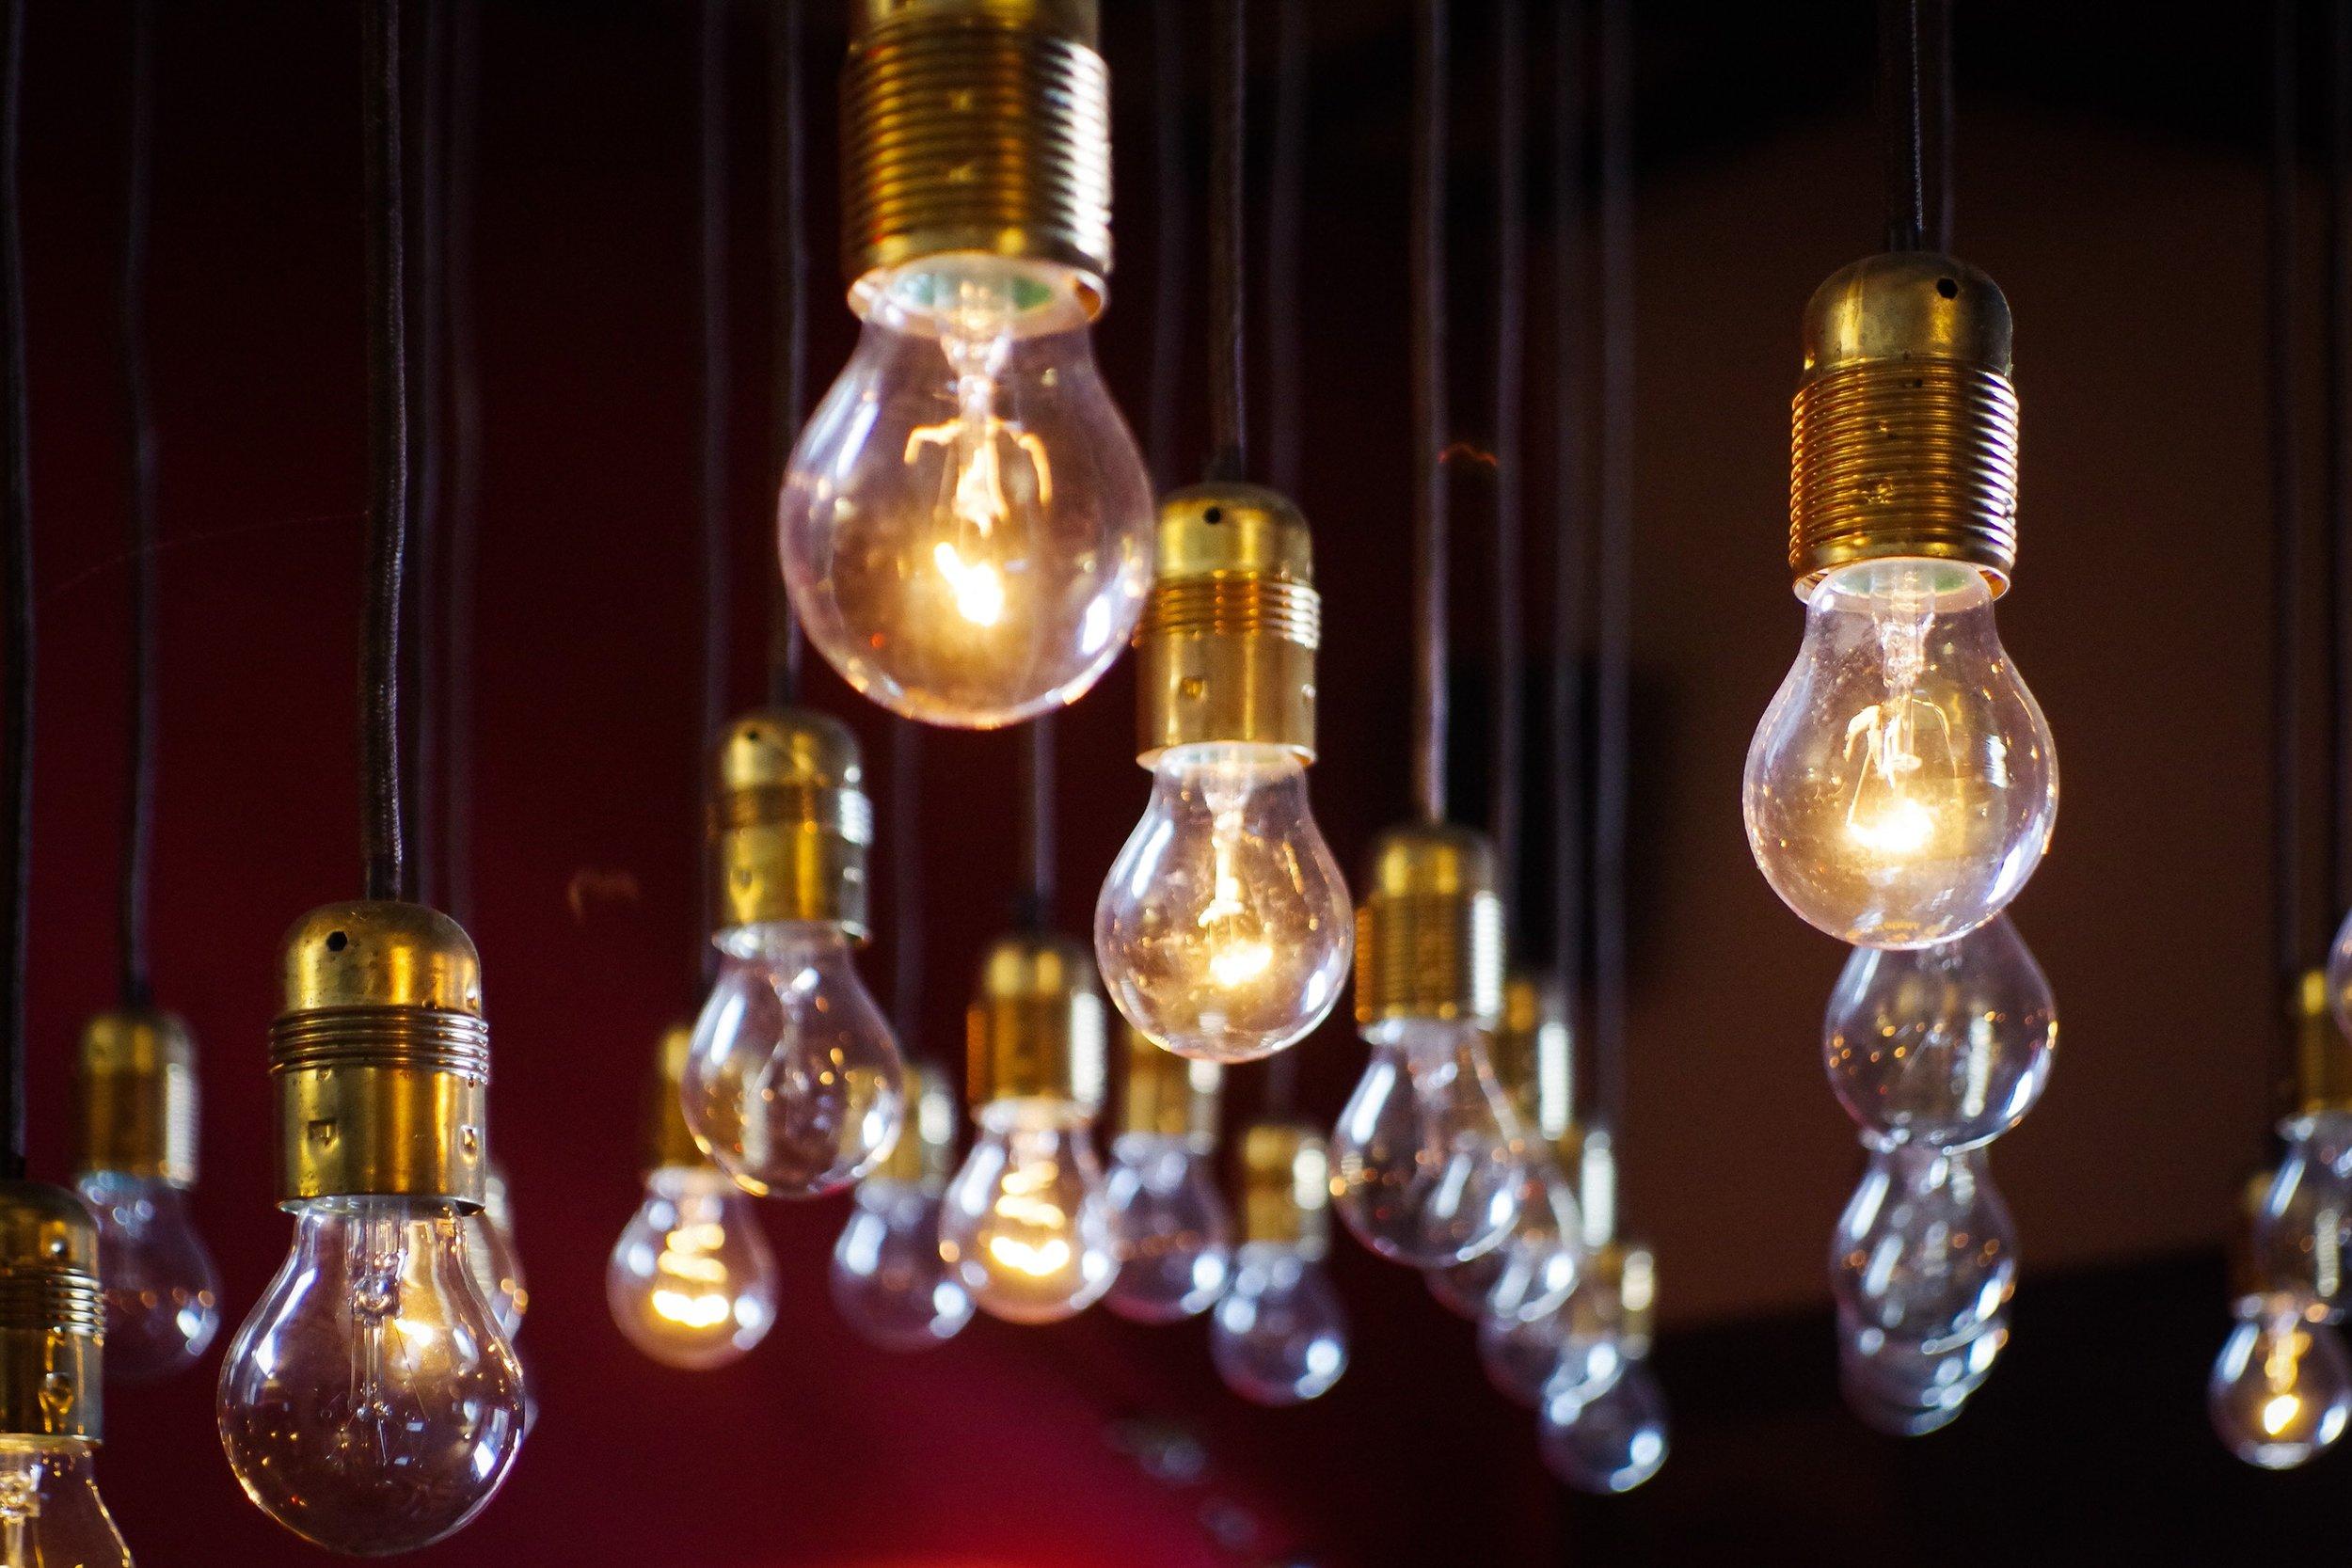 hanginglightbulbsdiz-play-31367-small.jpg